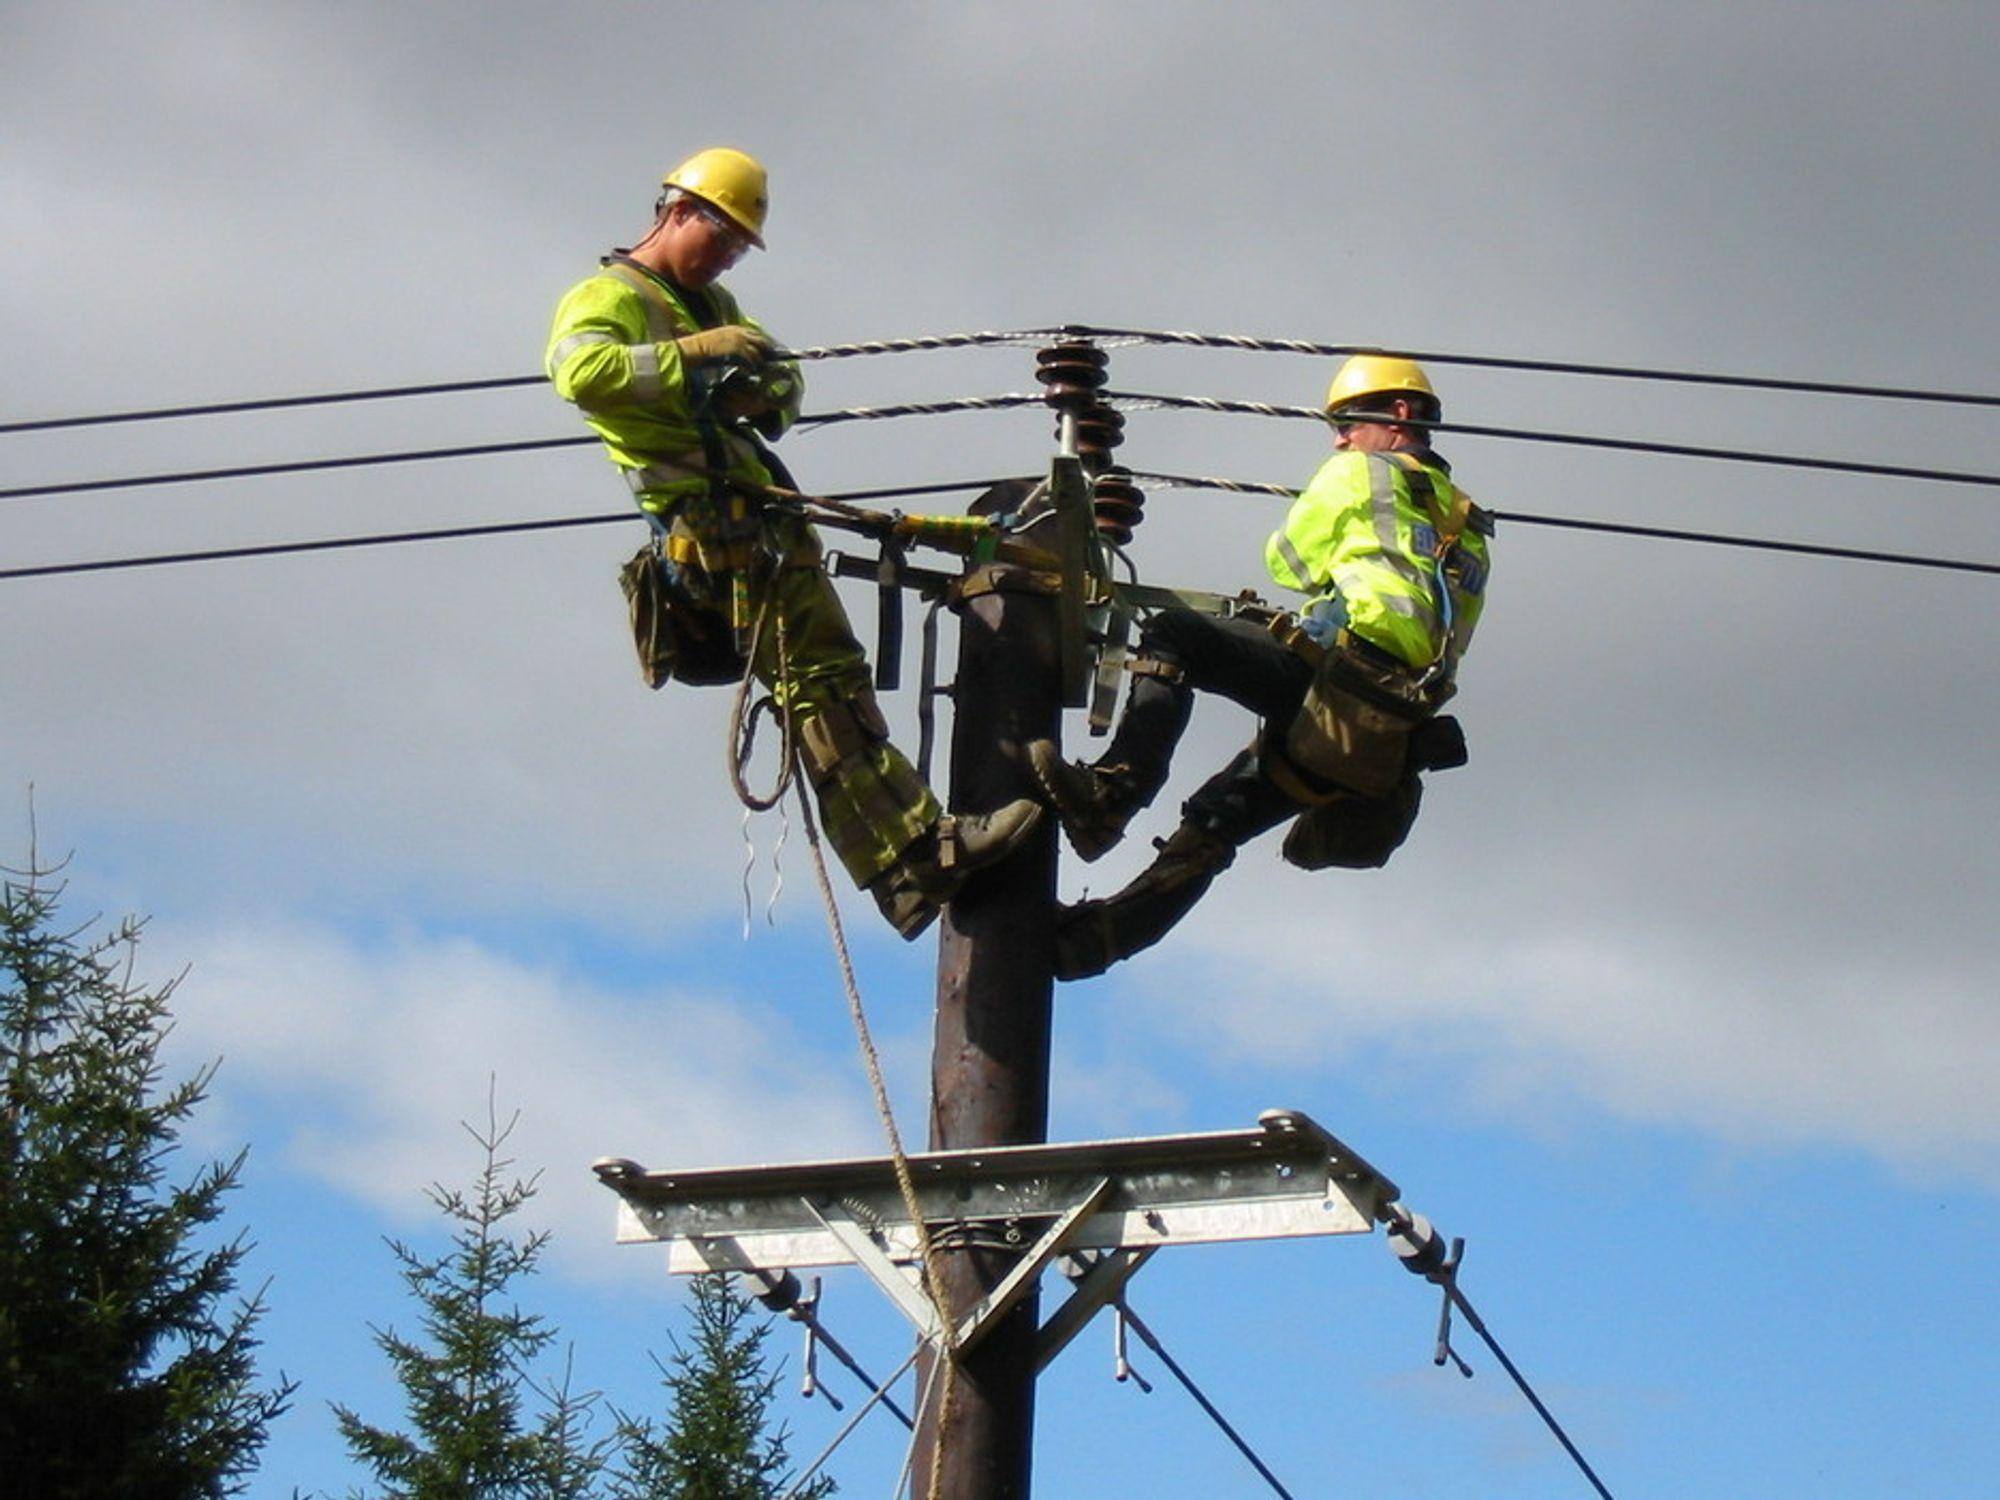 NYE LINJER: Nå får disse gutta mye større kraftlinjer å bryne seg på. Scottish Power Transmission har fått ja til å bygge en 400 kV kraftlinje til nord-Skottland for å få plass til mer fornybar energi.